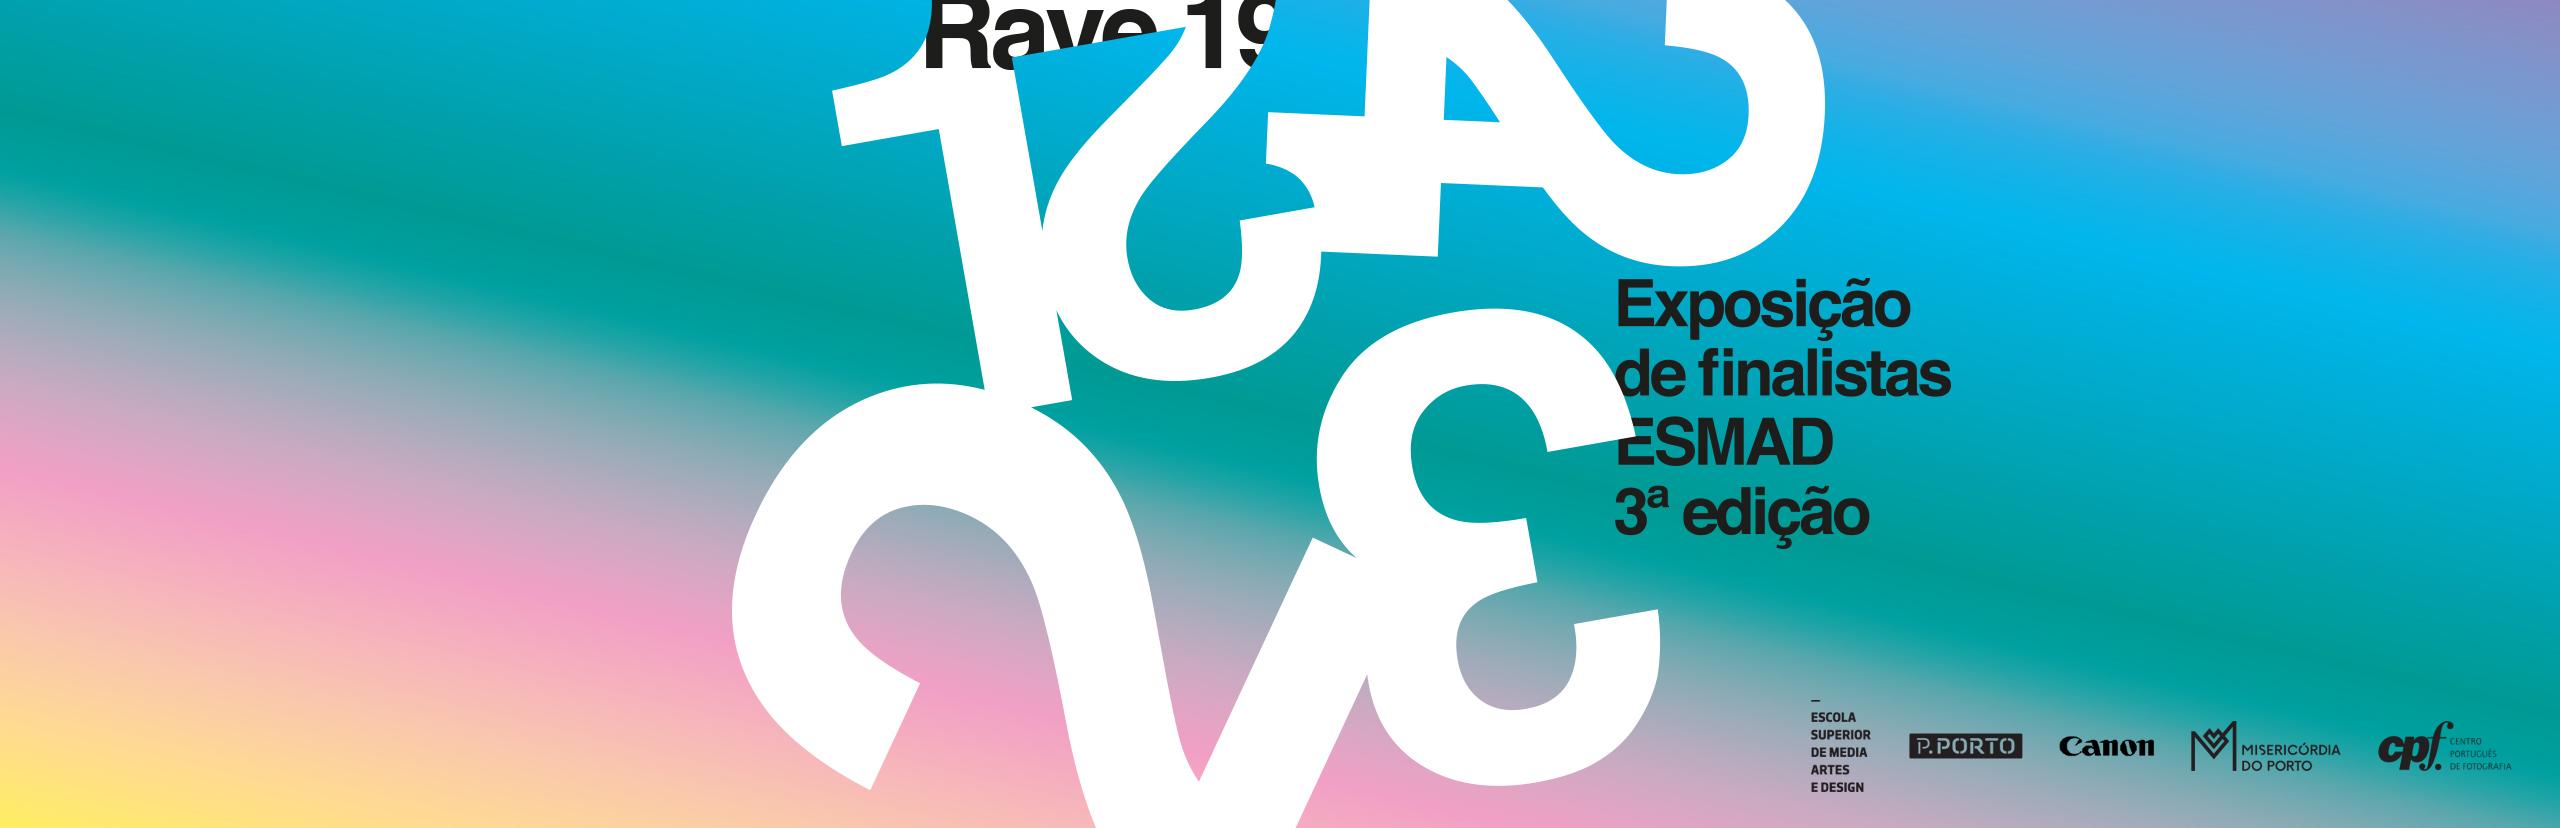 https://www.scmp.pt/assets/misc/img/2019/slideshow/2019%2007%2013%20RAVE/rave_header-logos.jpg